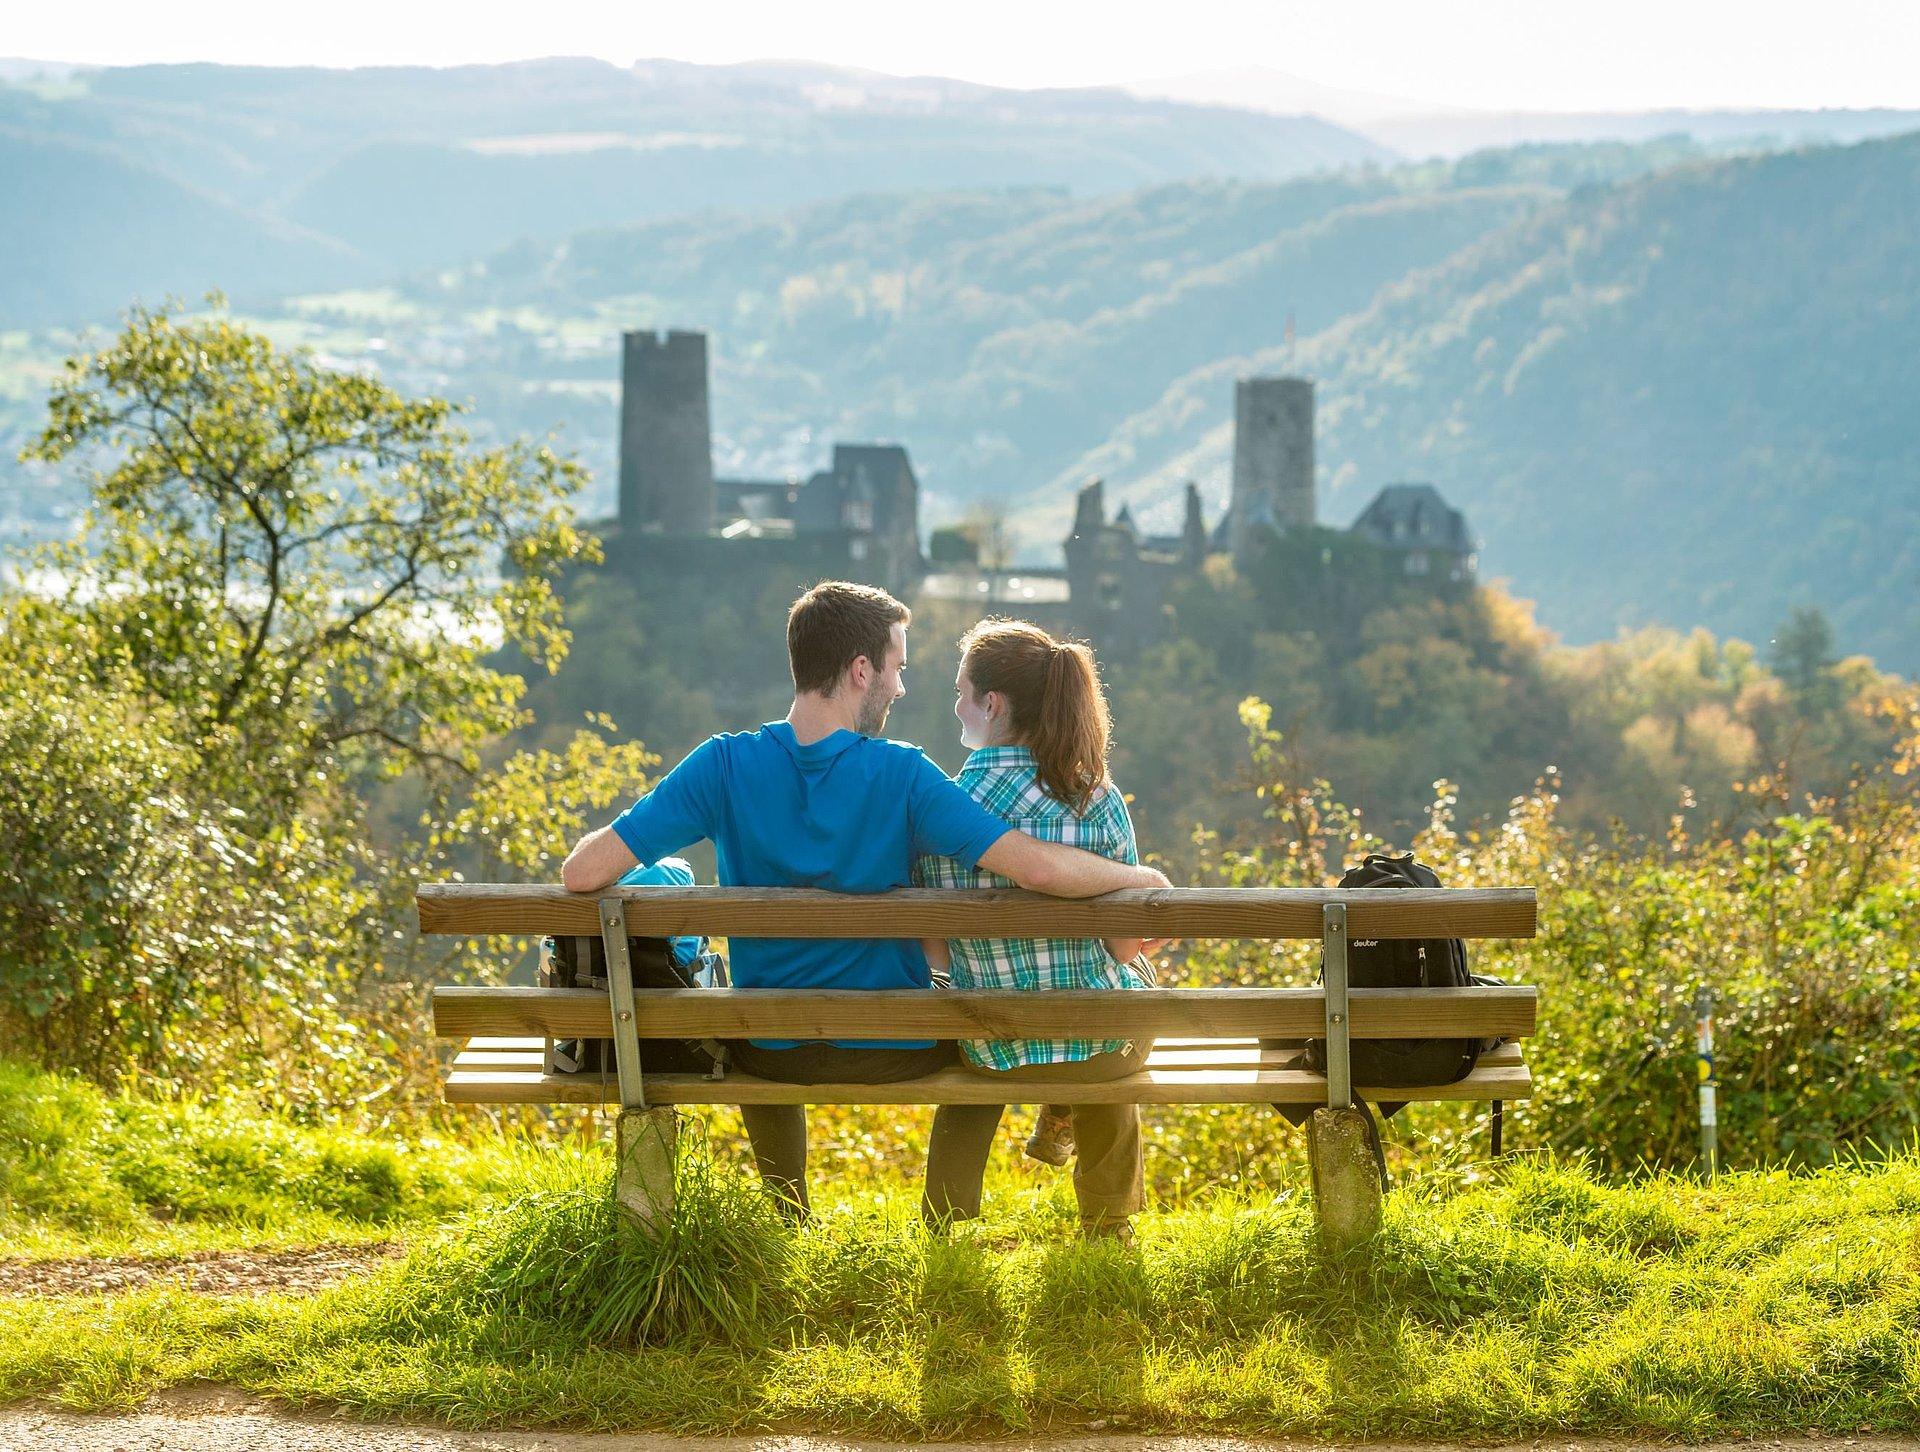 Ausblick auf die Burg Thurant, Mosel-Saar